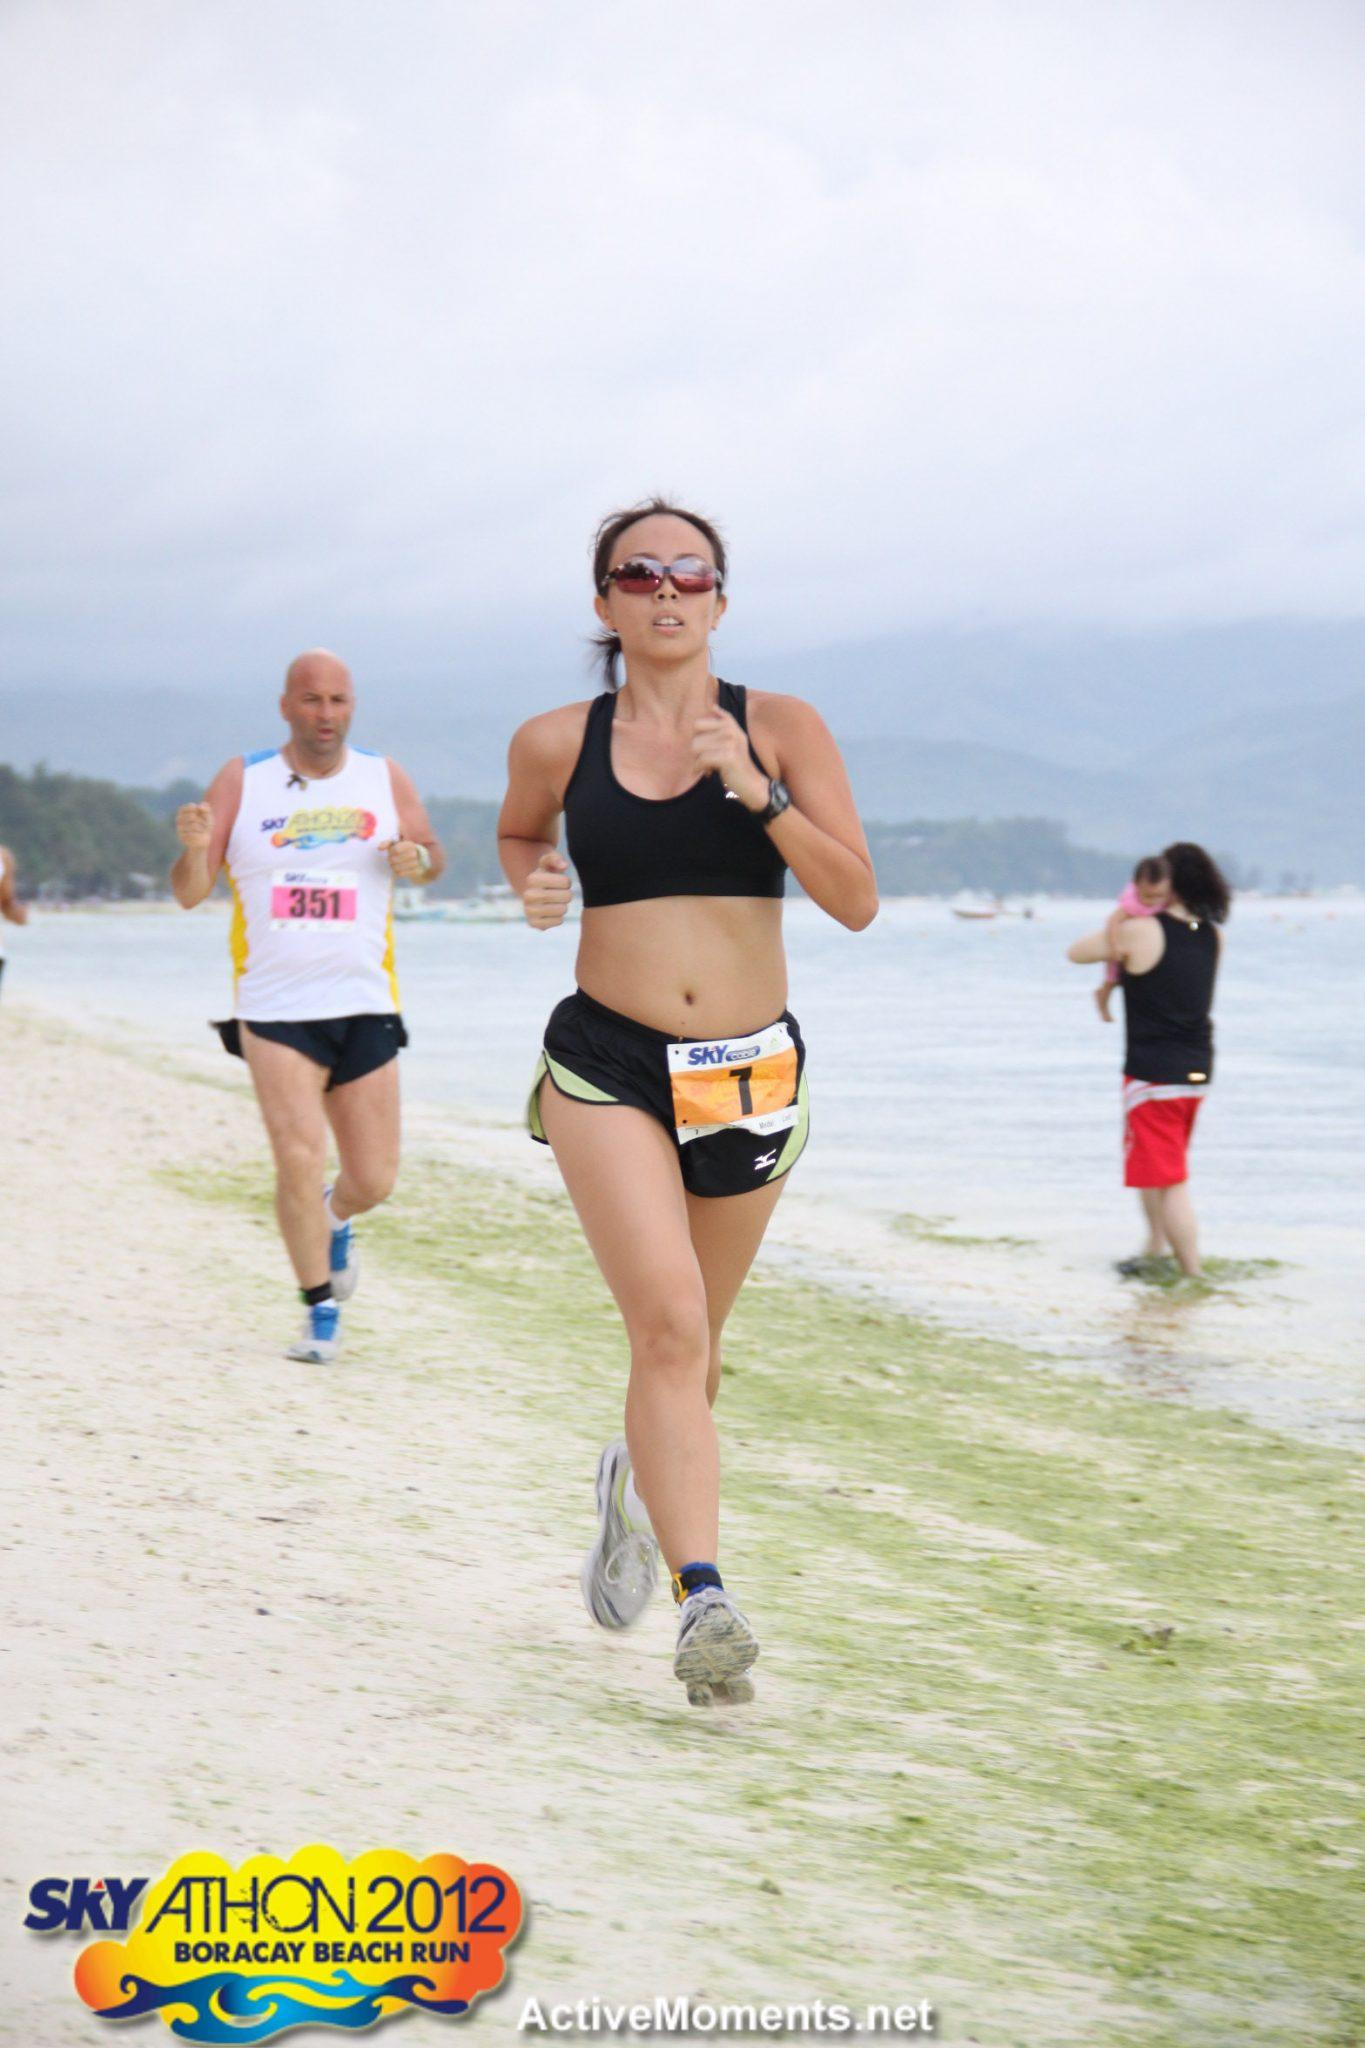 Skyathon 2012: On the Run